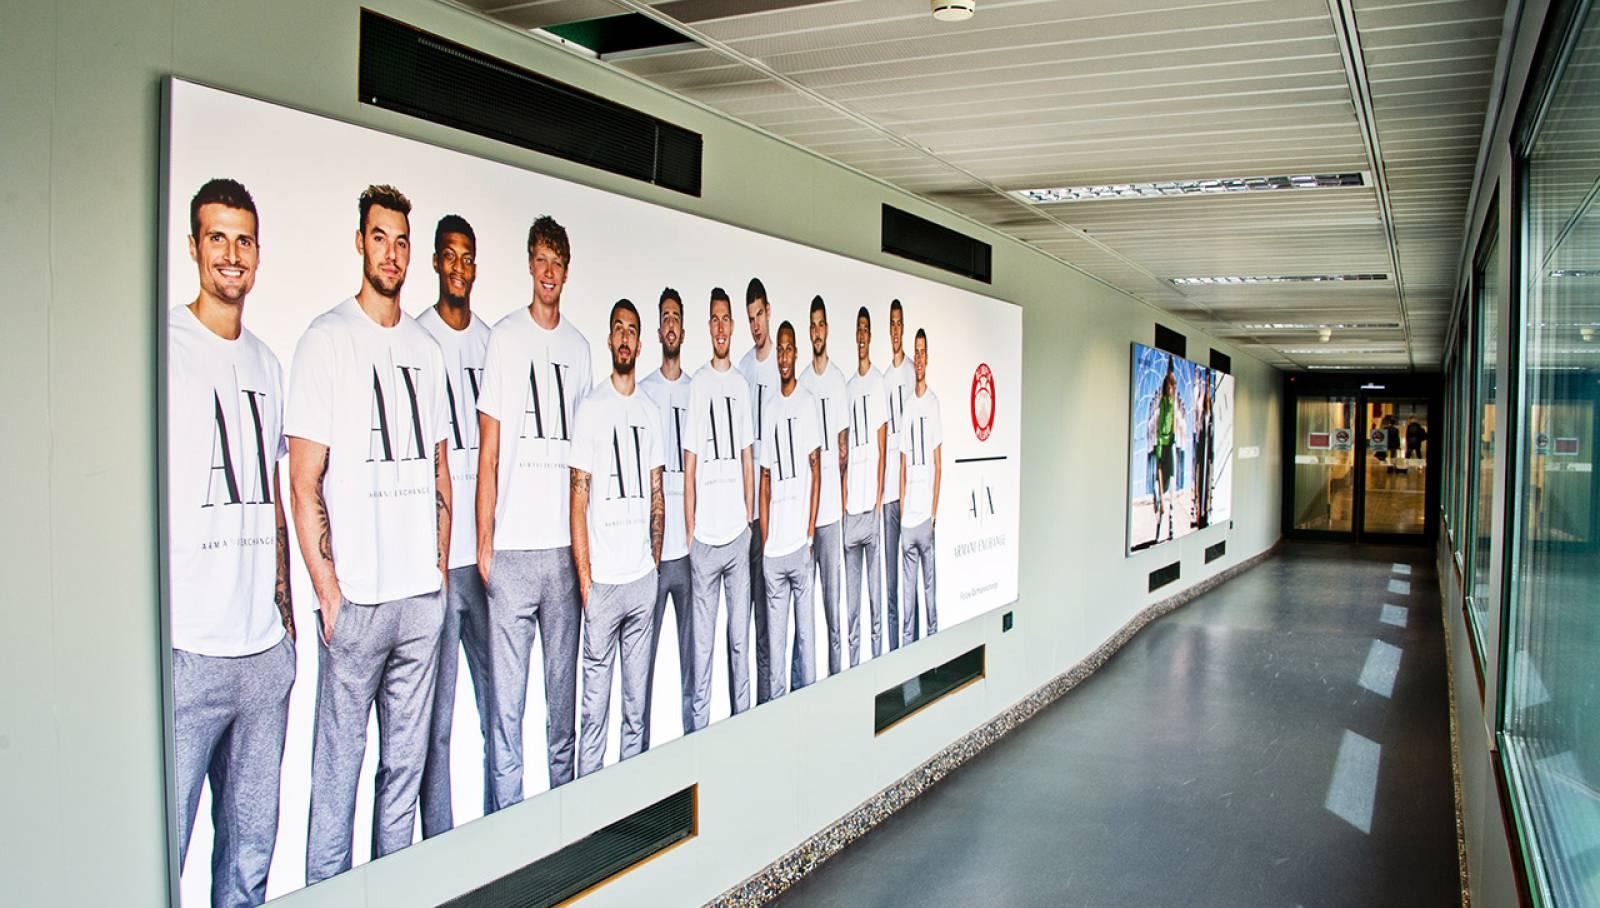 Aeroporto Malpensa pubblicità IGPDecaux Finger per Armani